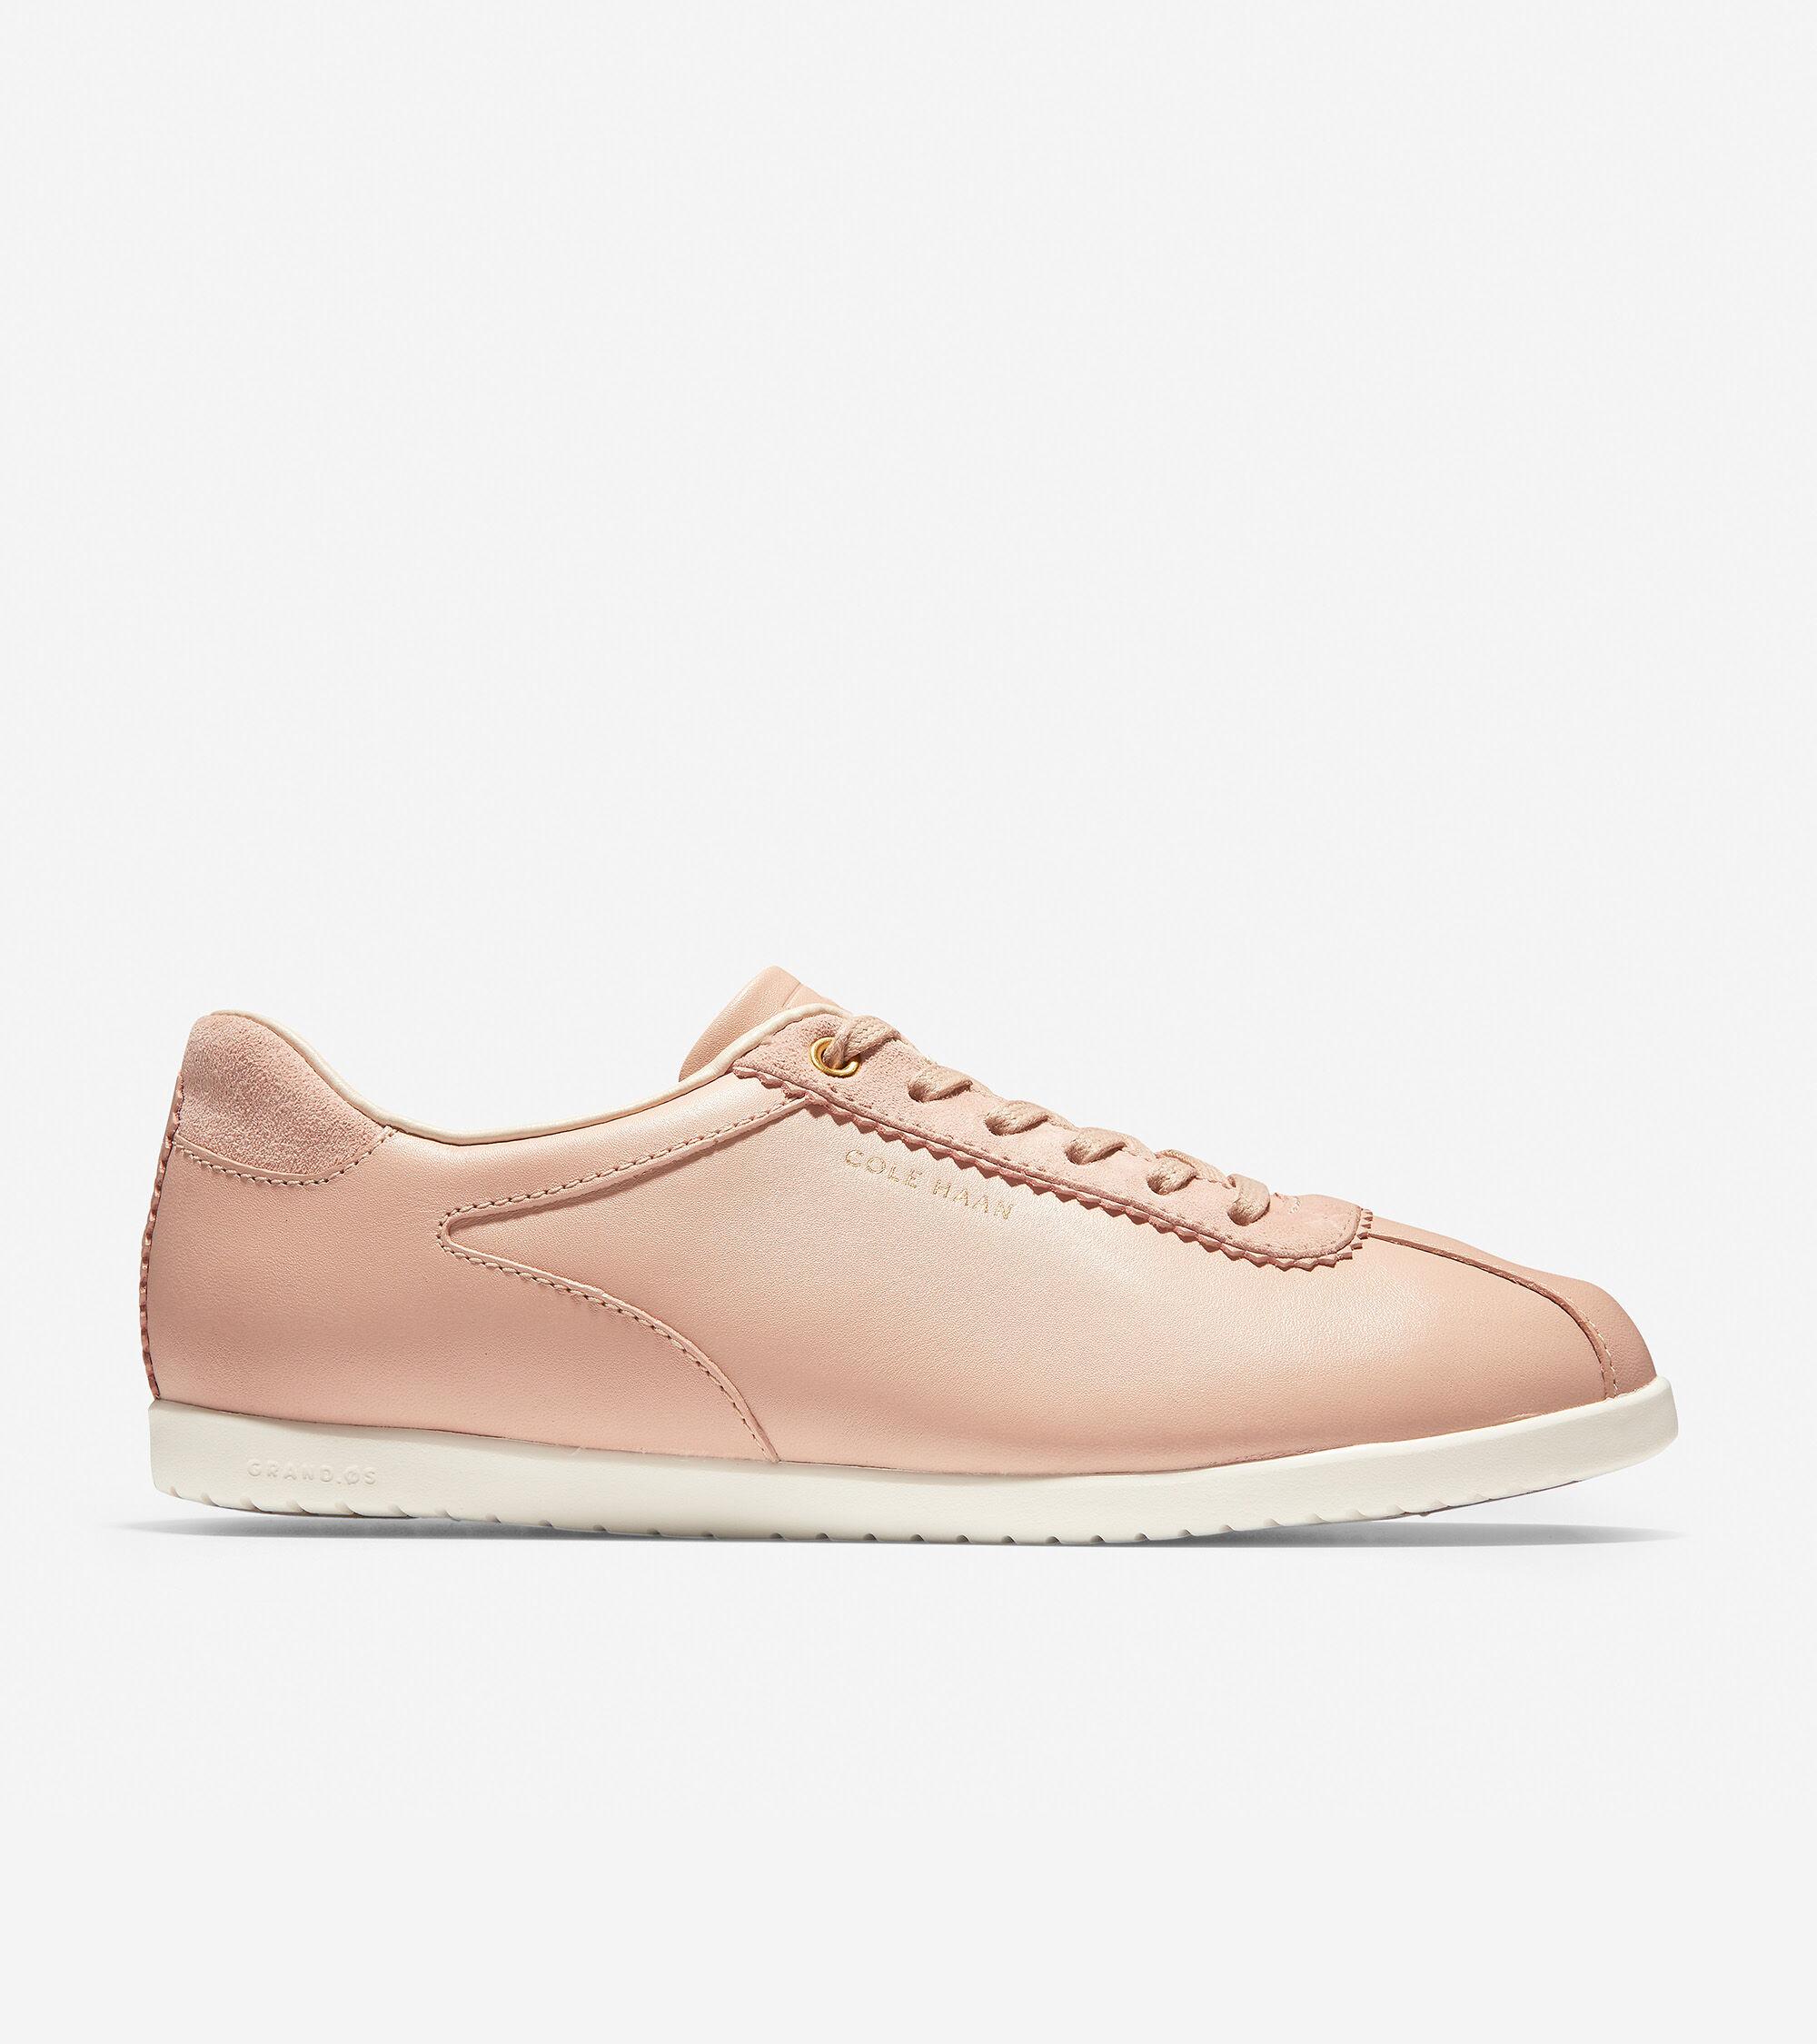 Cole Haan Women's GrandPro Turf Sneaker